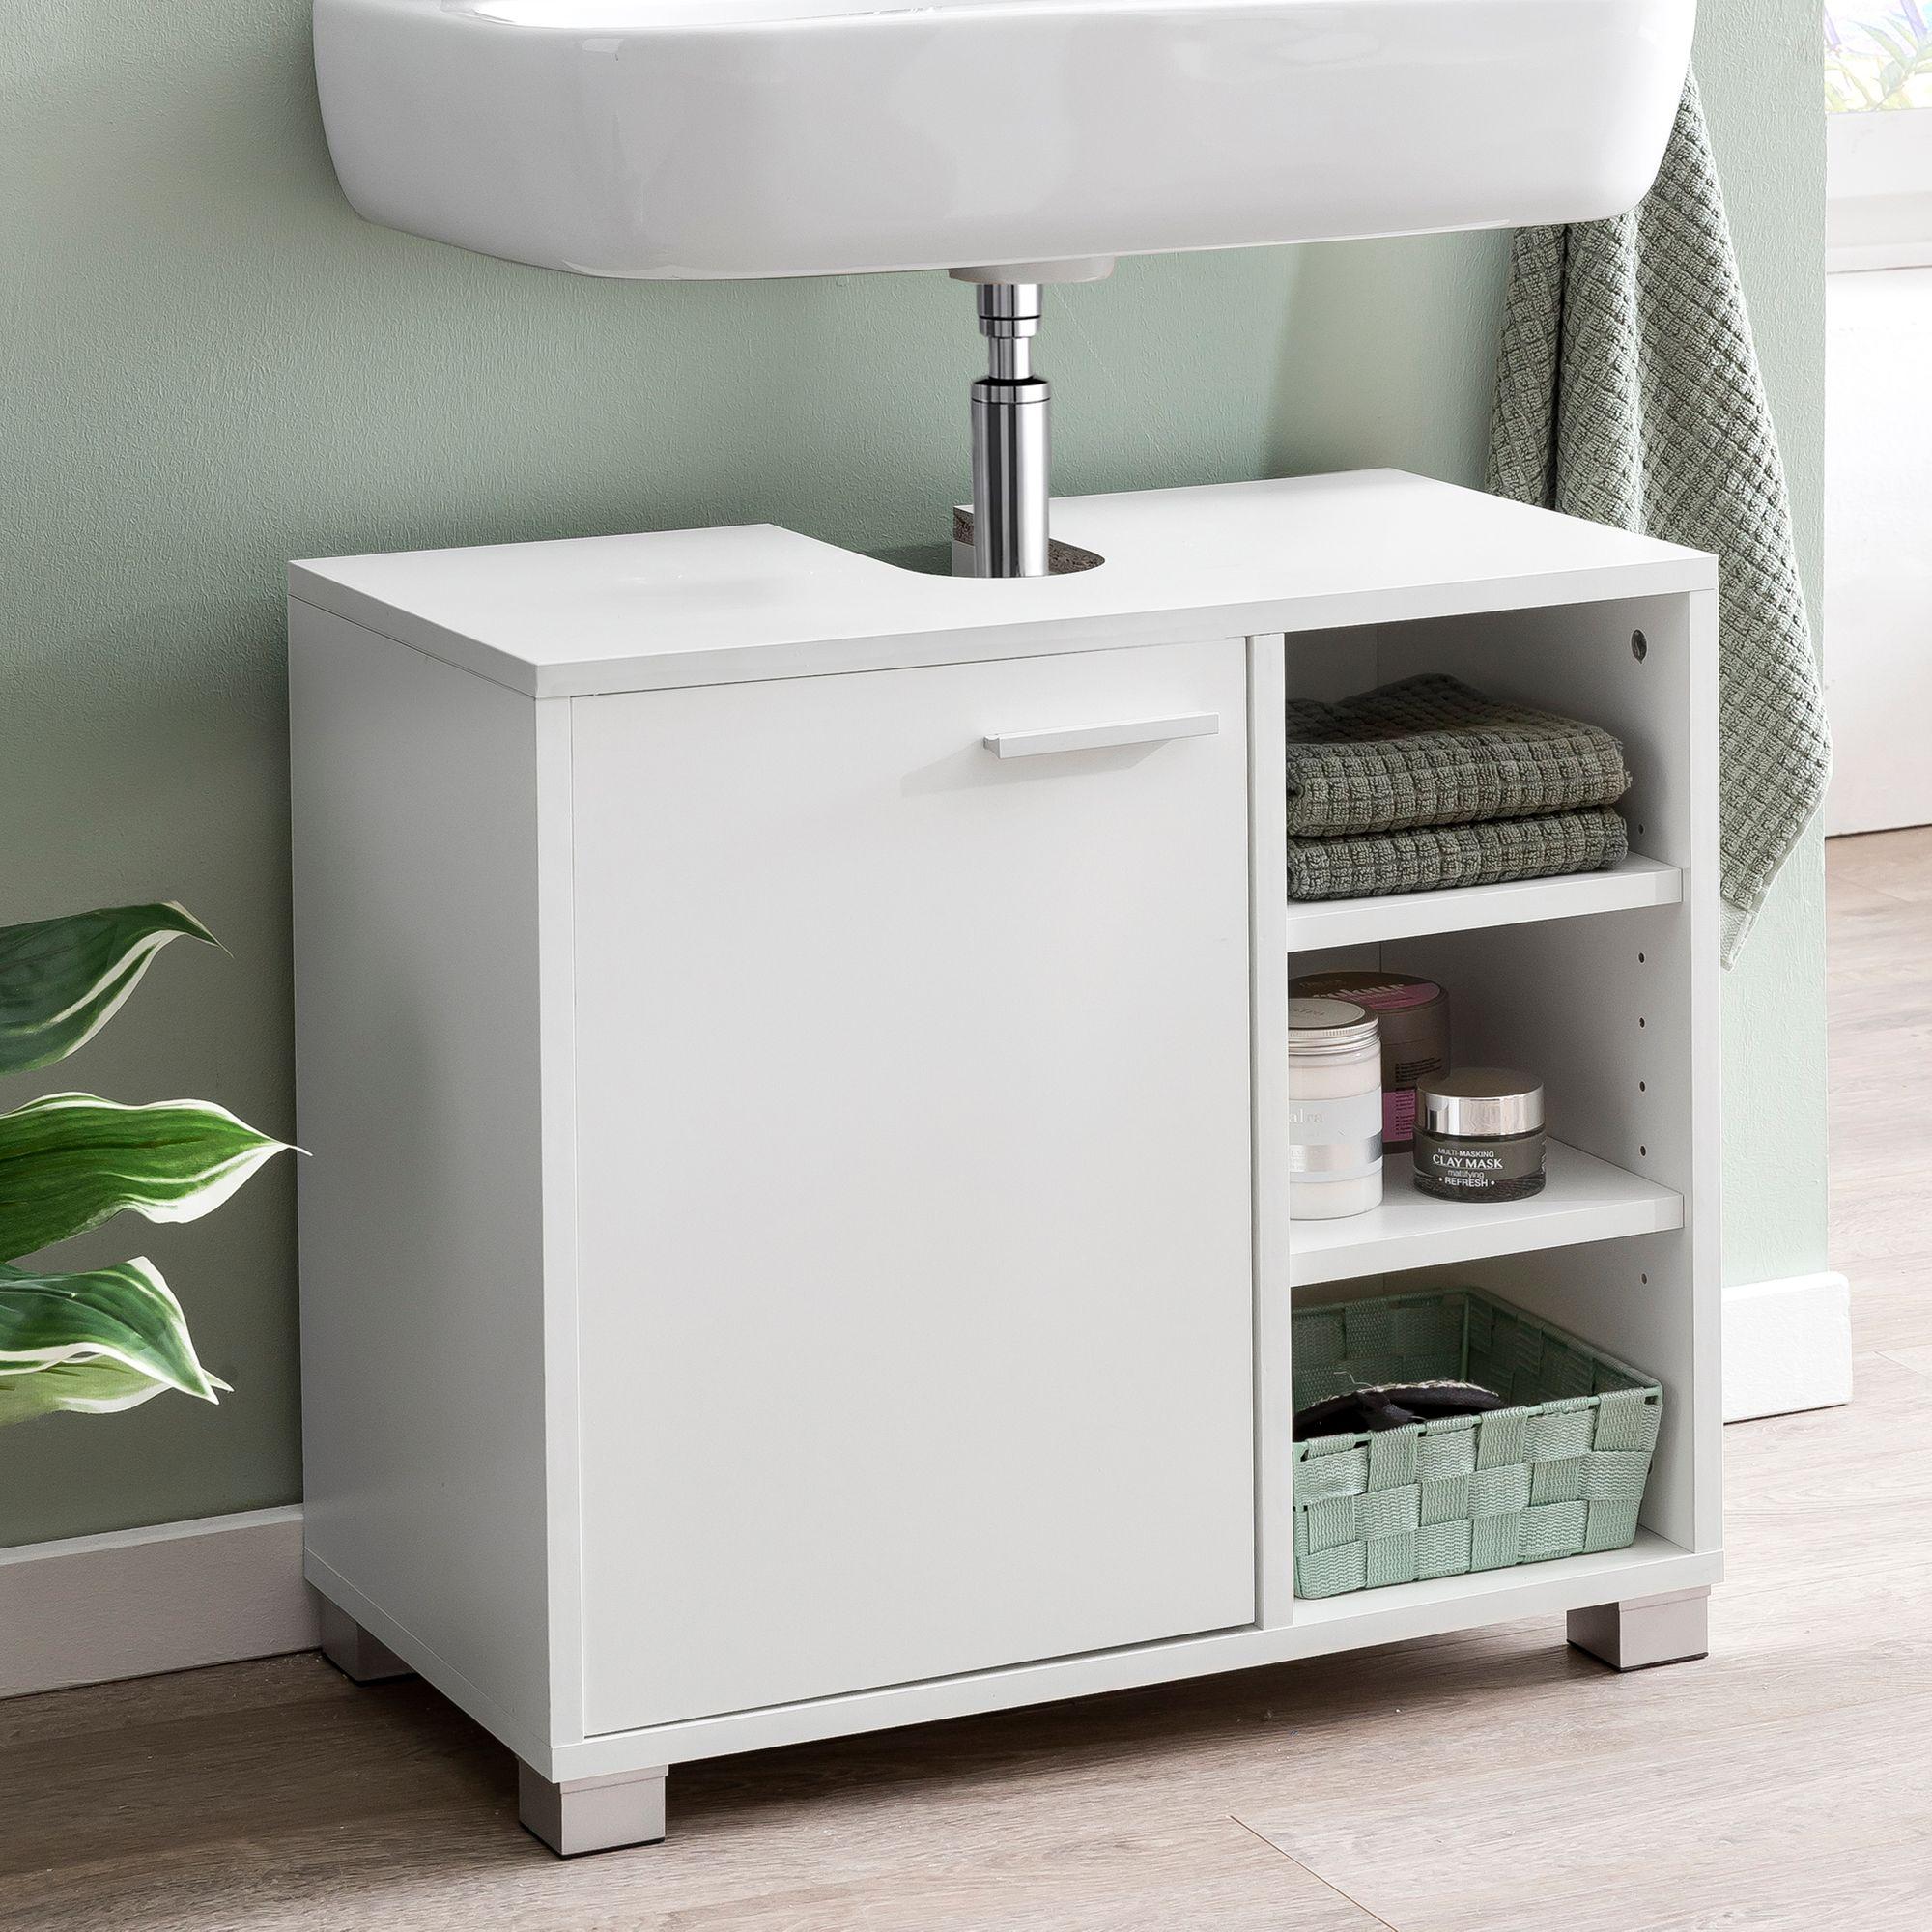 WOHNLING Waschbeckenunterschrank WL20.20 20x2020x20cm Weiss Badschrank mit  Tür   Holz Unterschrank Waschbecken Badezimmer   Waschtischunterschrank mit  ...